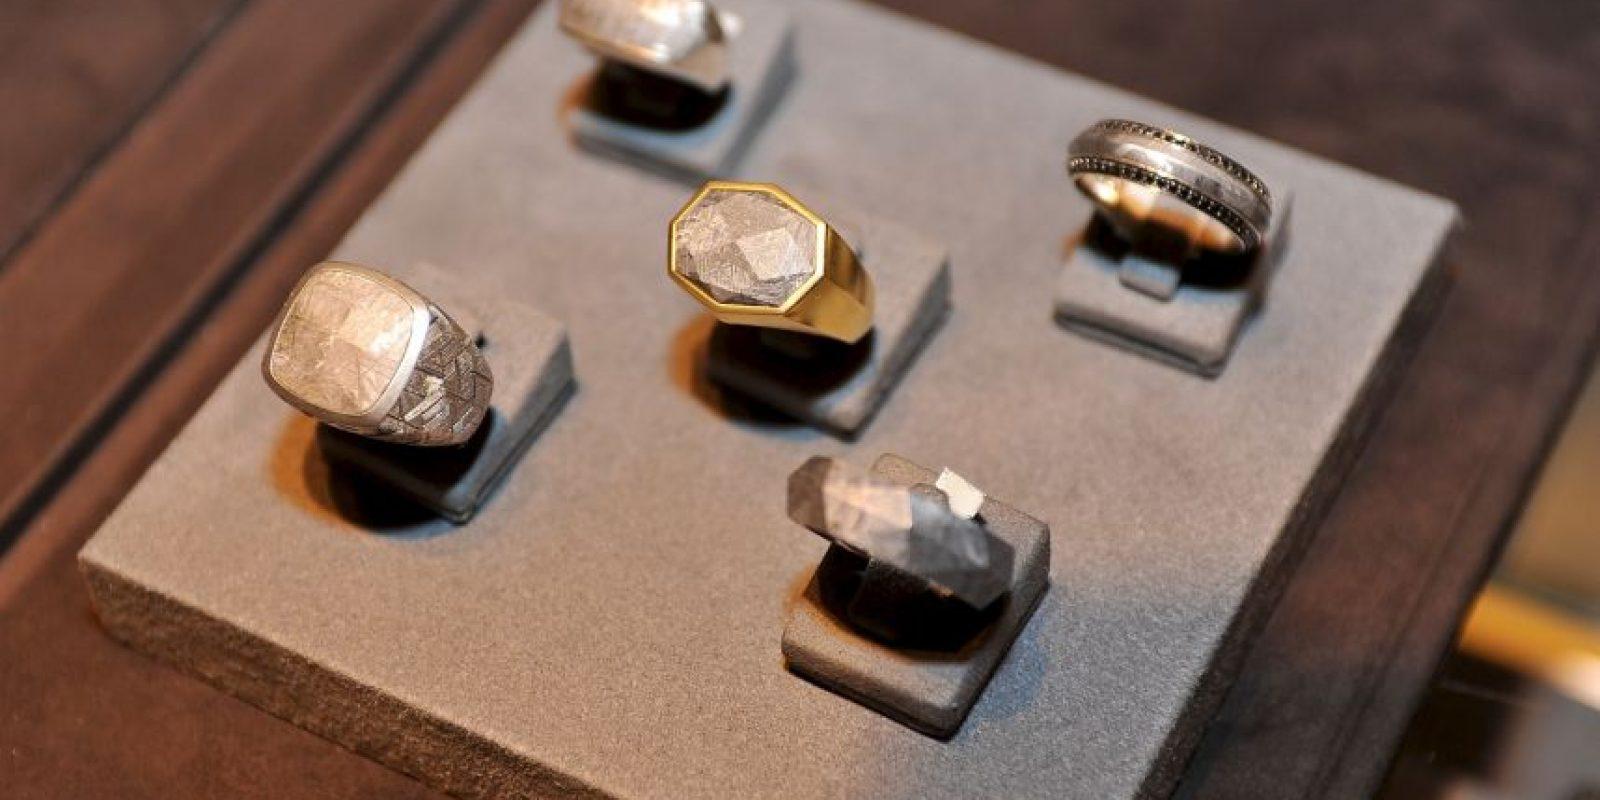 Los meteoritos ferrosos, un 6% del total, contienen gran cantidad de hierro. Foto:Getty Images